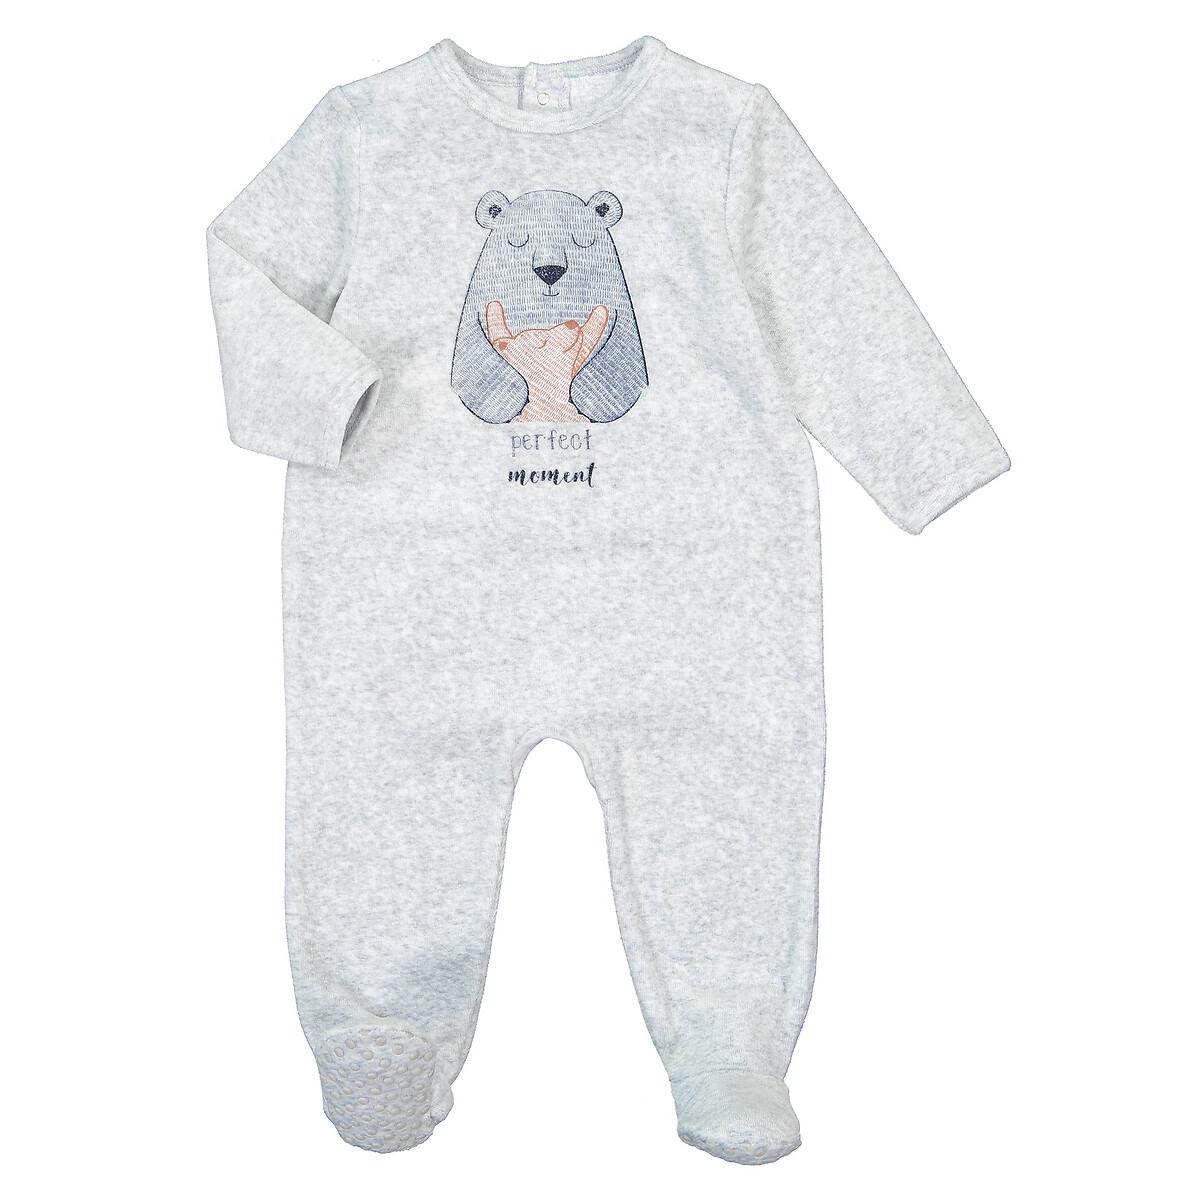 Пижама LaRedoute Из велюра с длинными рукавами 0 мес - 3 года 1 мес. - 54 см серый пижама laredoute с носочками из велюра 0 мес 3 года 3 мес 60 см серый